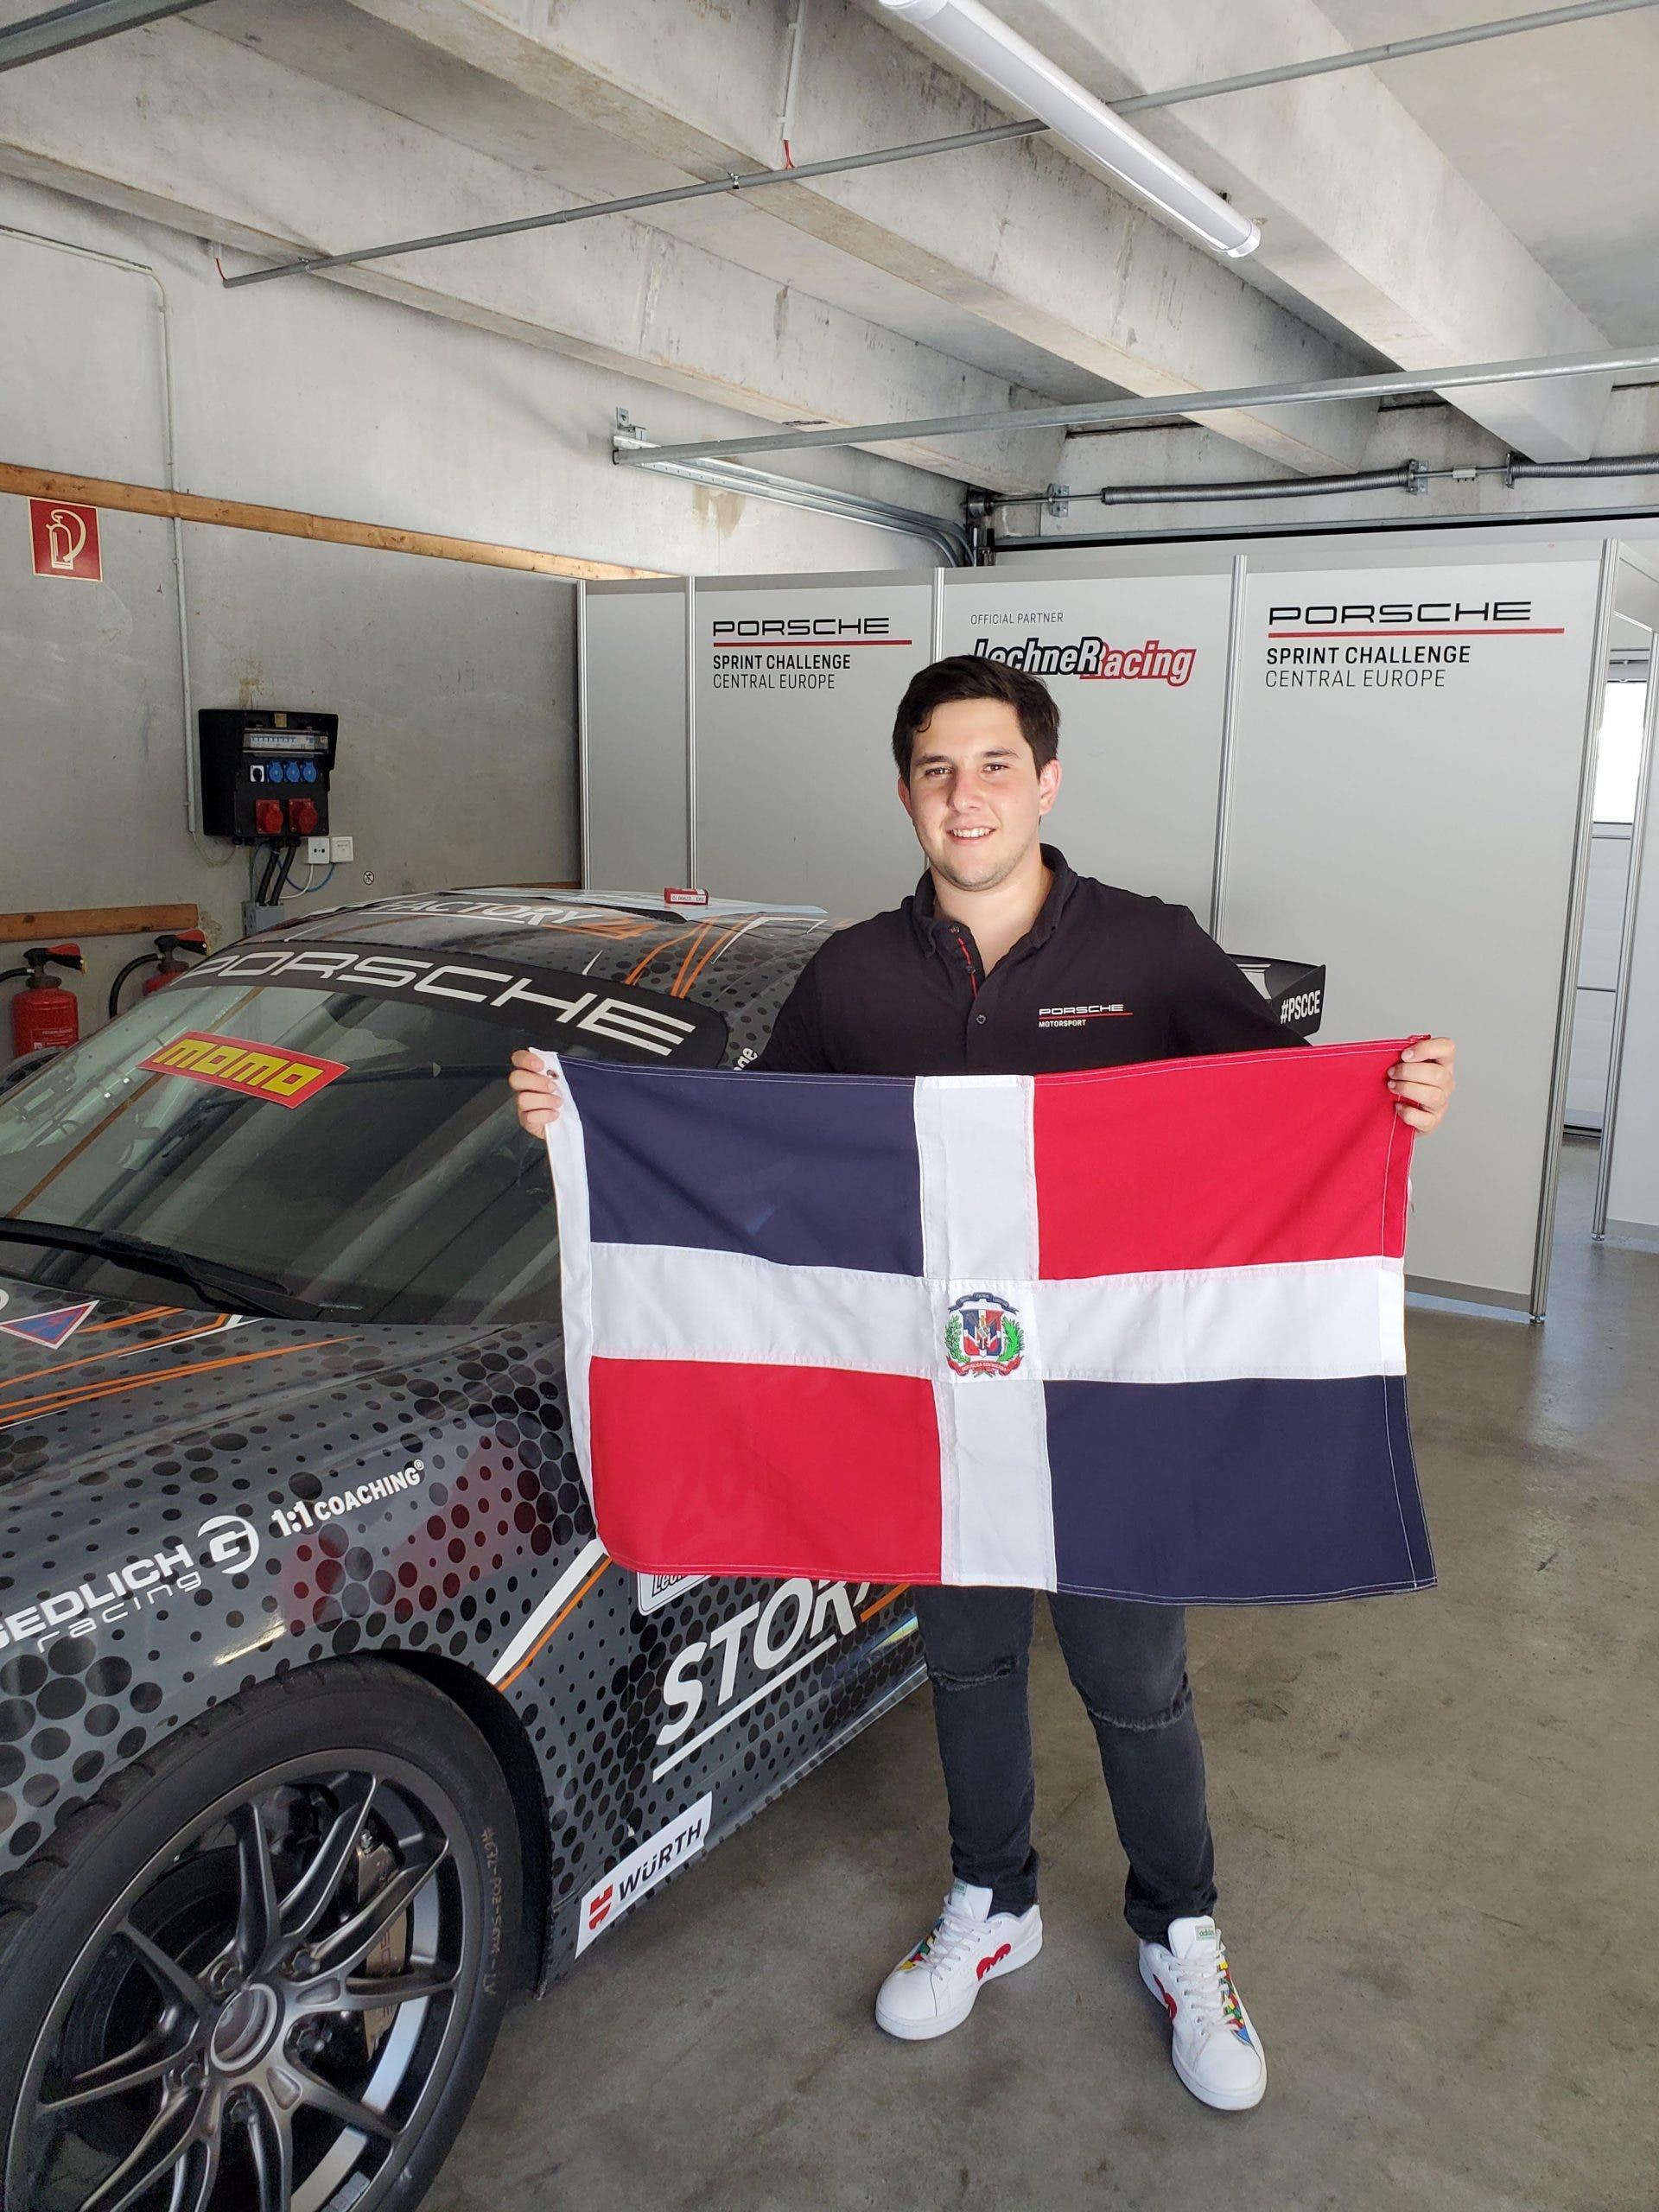 Piloto dominicano Jimmy Llibre representará al país en el Campeonato Porsche Central Europe